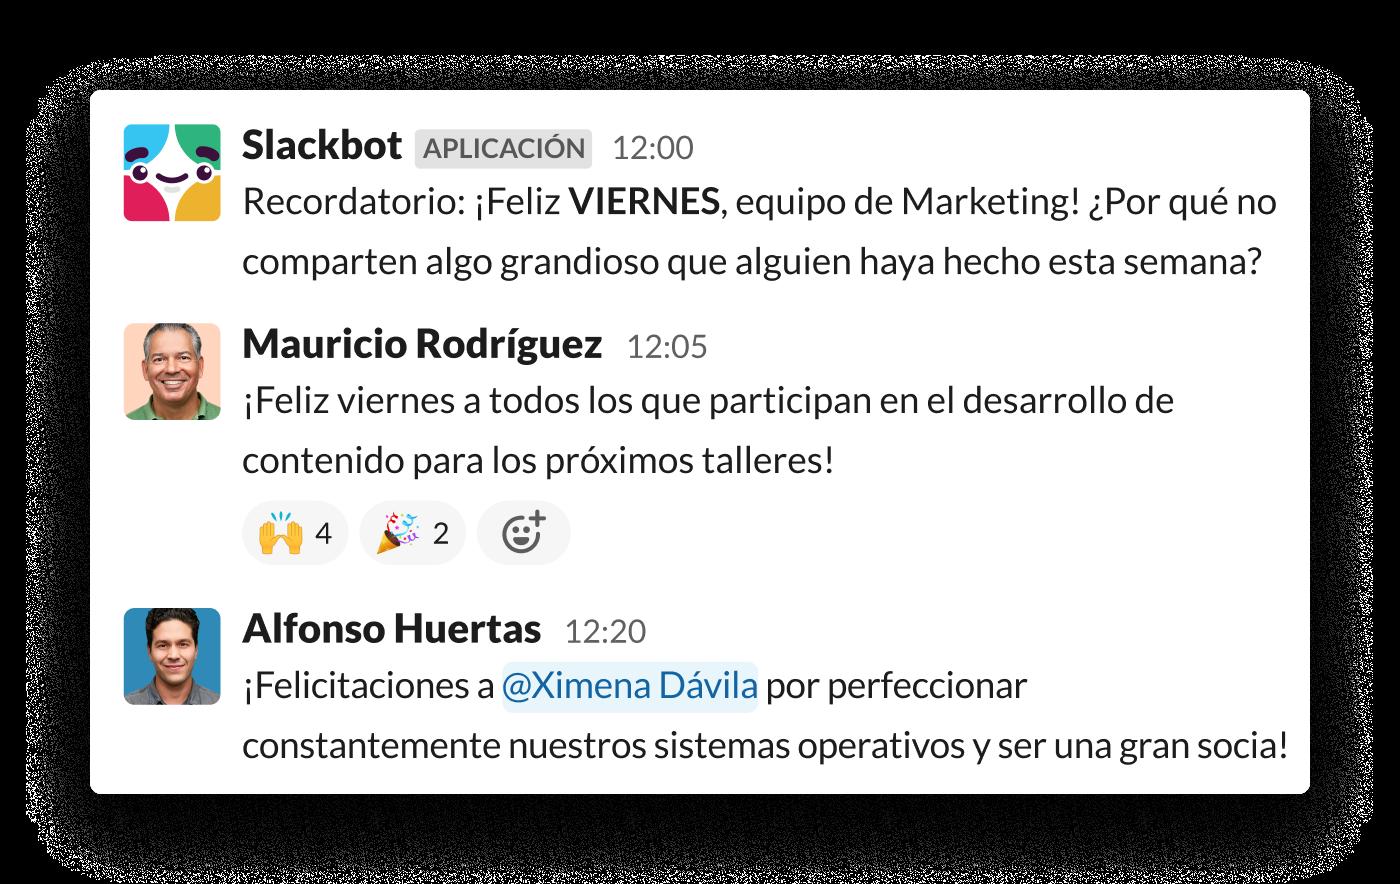 Un mensaje automático de Slack solicita a los compañeros de equipo que reconozcan el trabajo de los demás